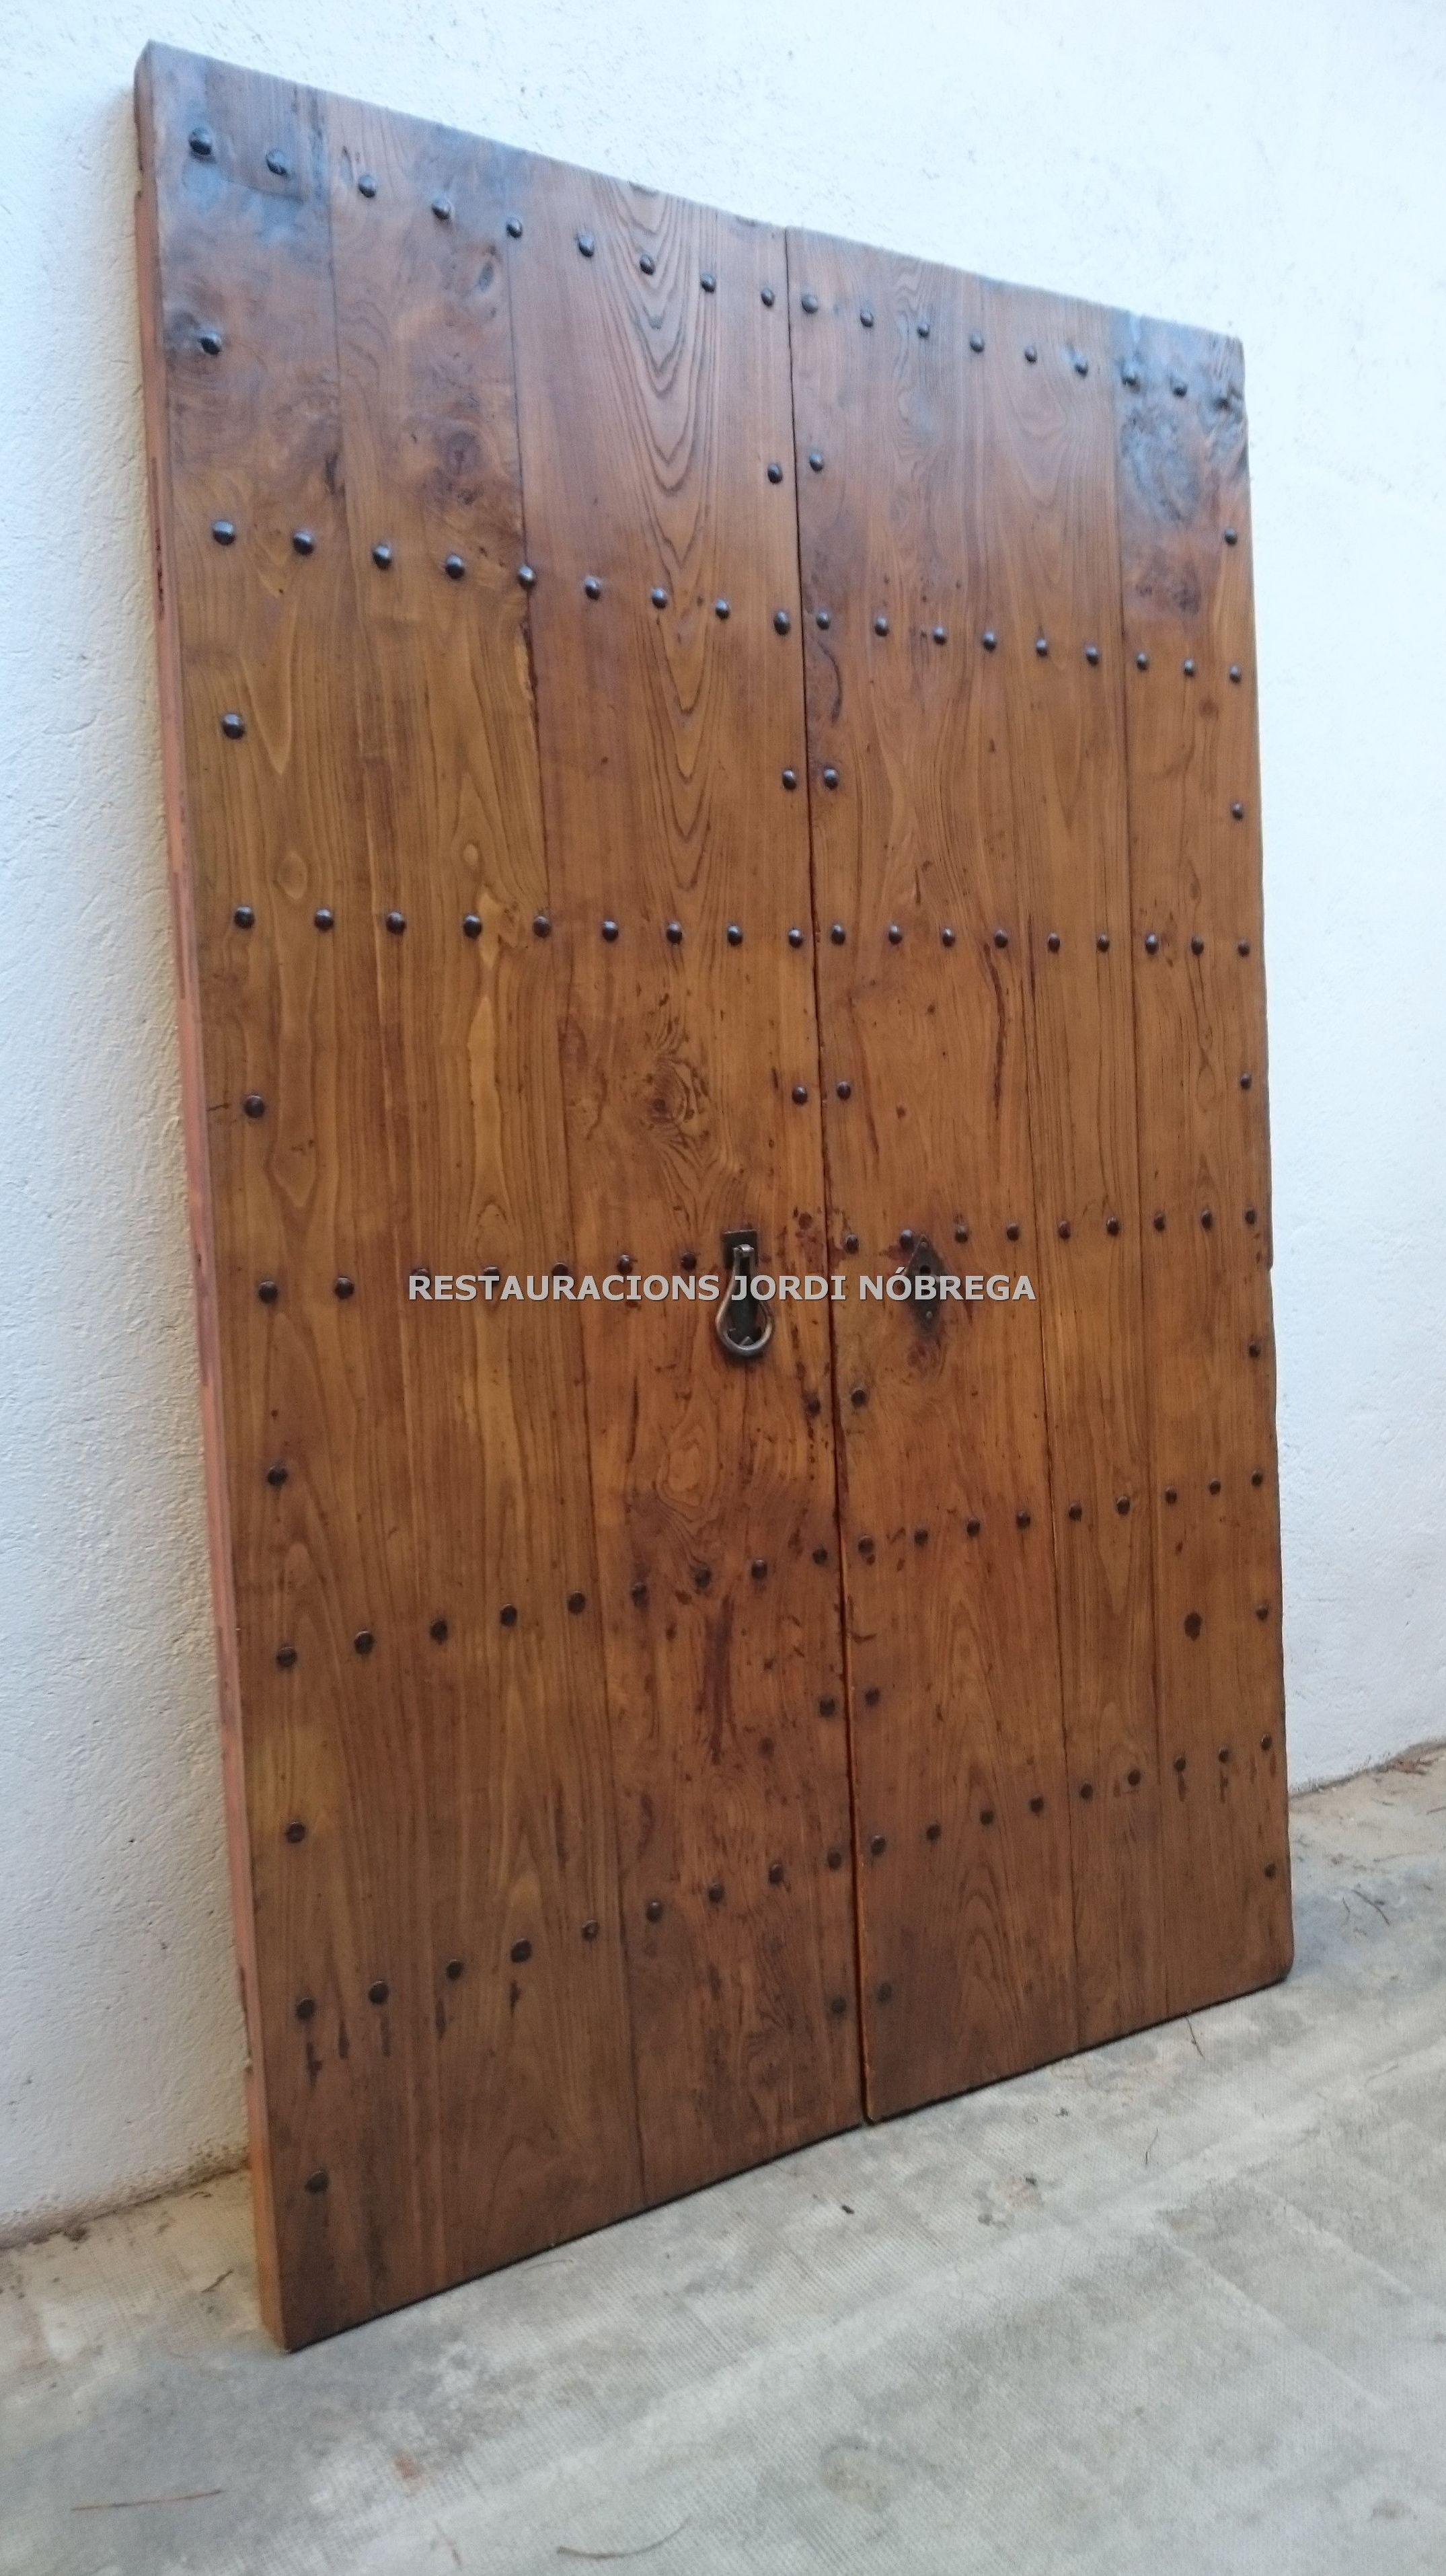 Restauraci n puertas de antigua casa de pueblo nuestros for Restauracion de puertas antiguas